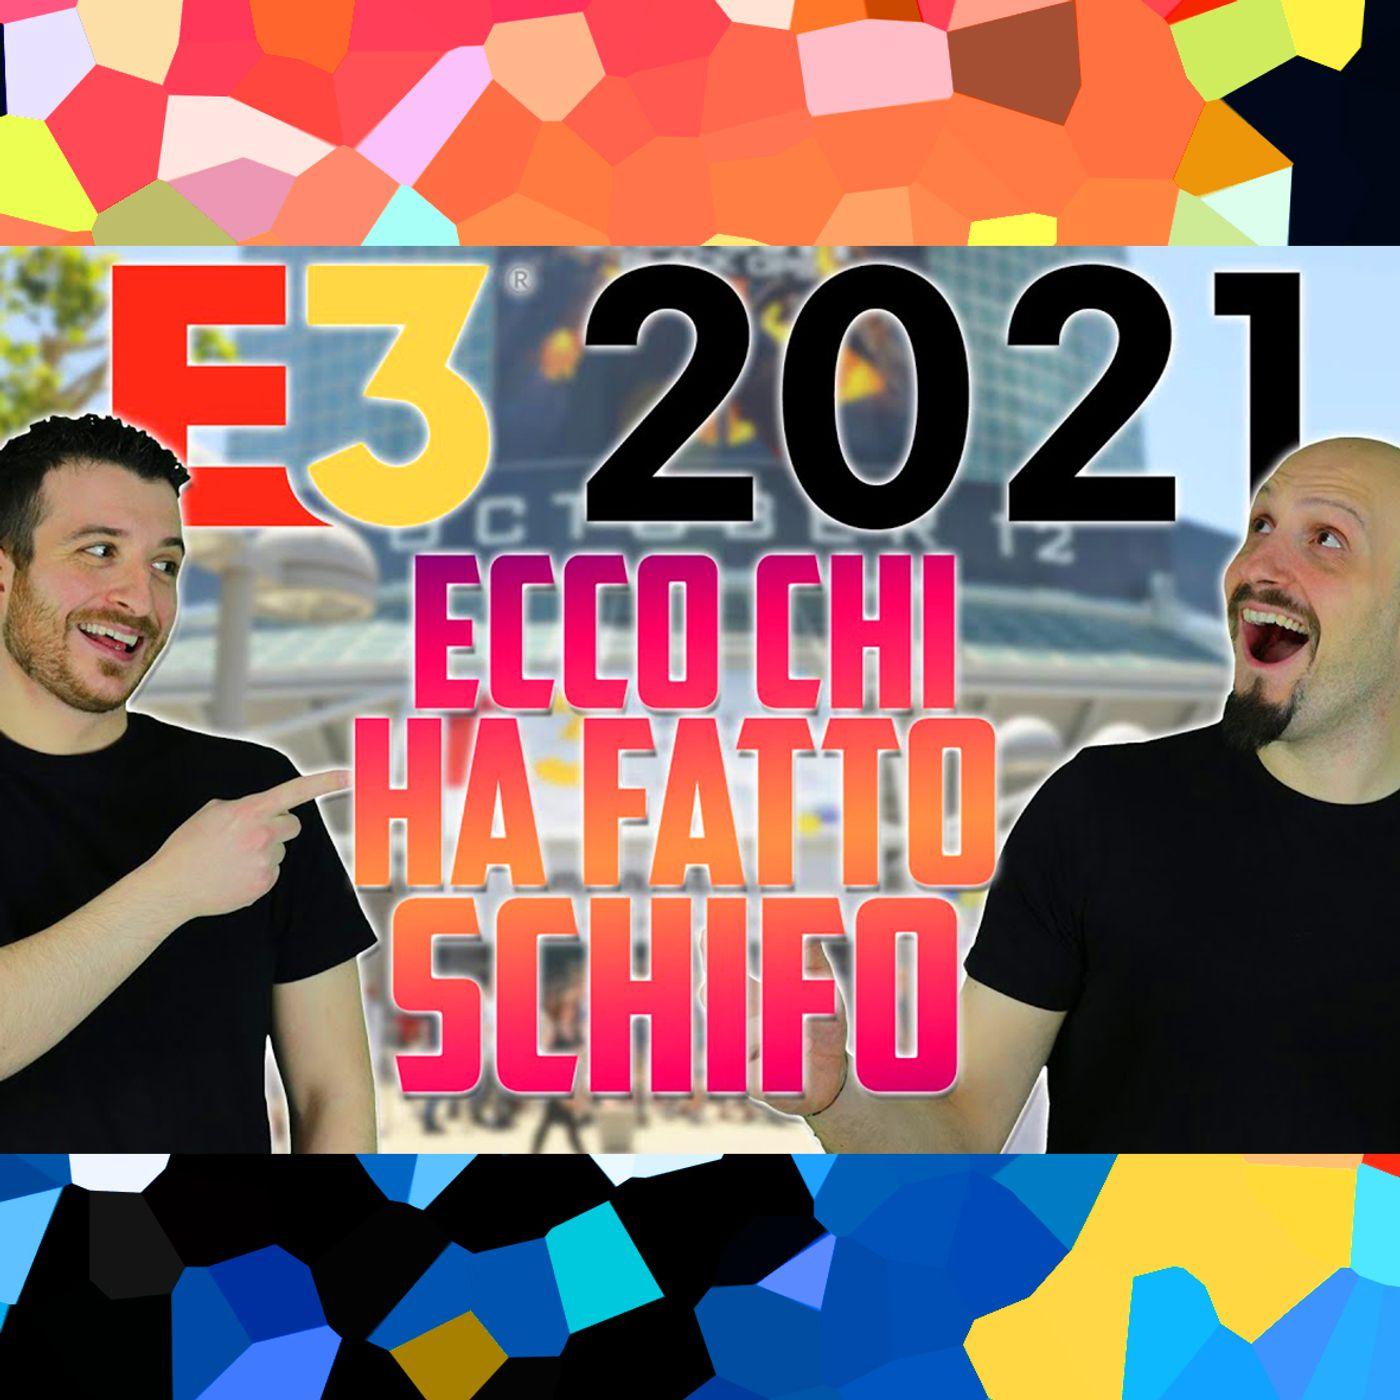 E3: Chi ha fatto, Davvero, SCHIFO? Scopriamolo!